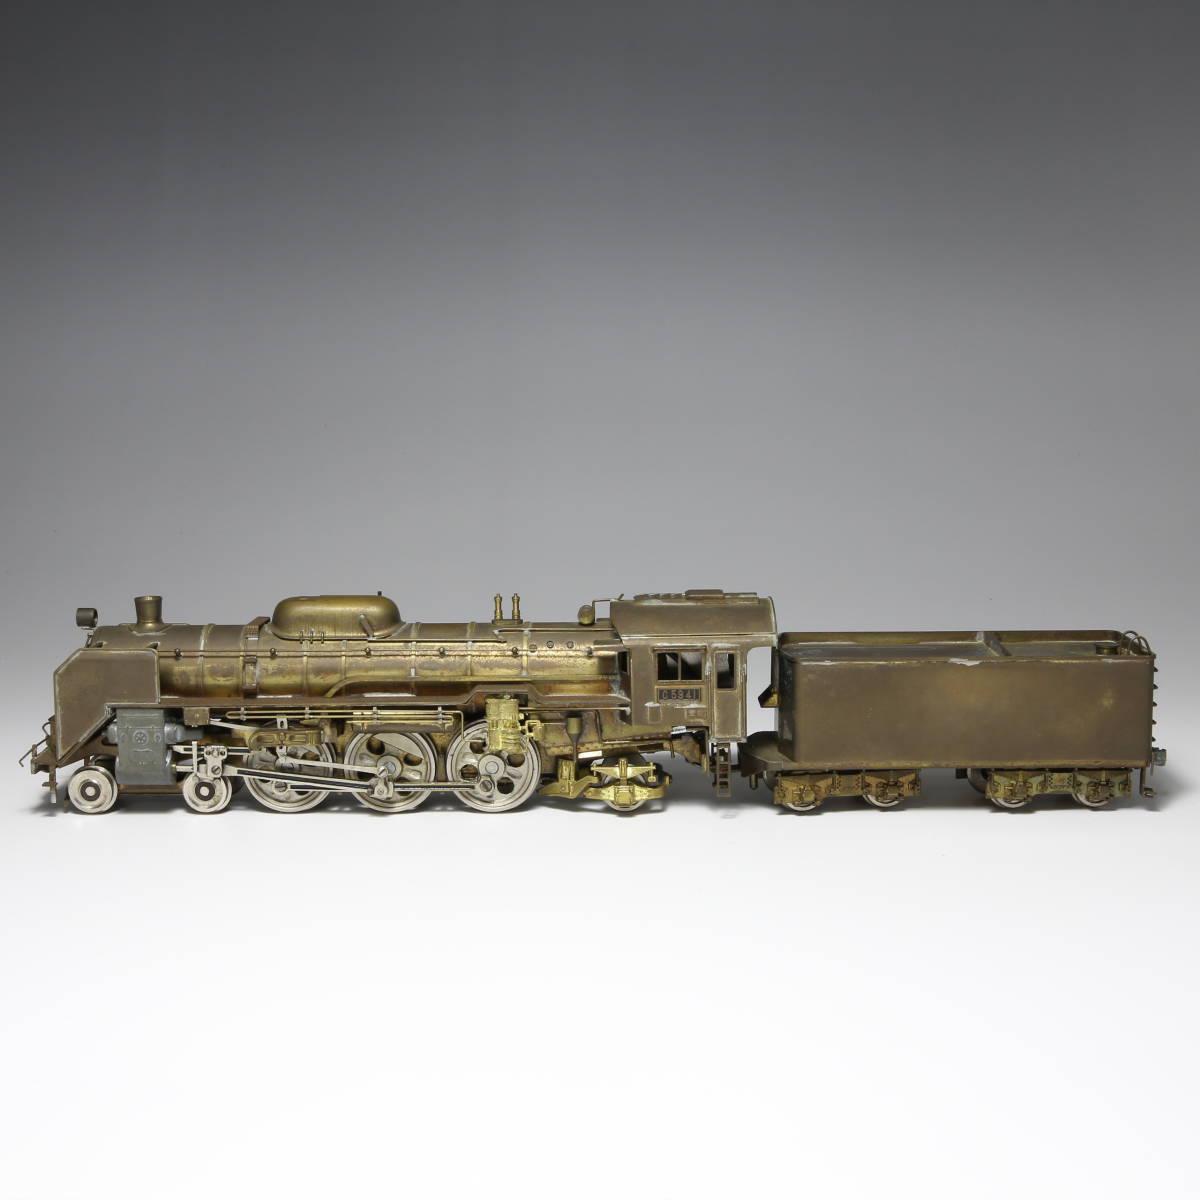 メーカー不明 国鉄 C59 蒸気機関車 未塗装 送料無料_画像2